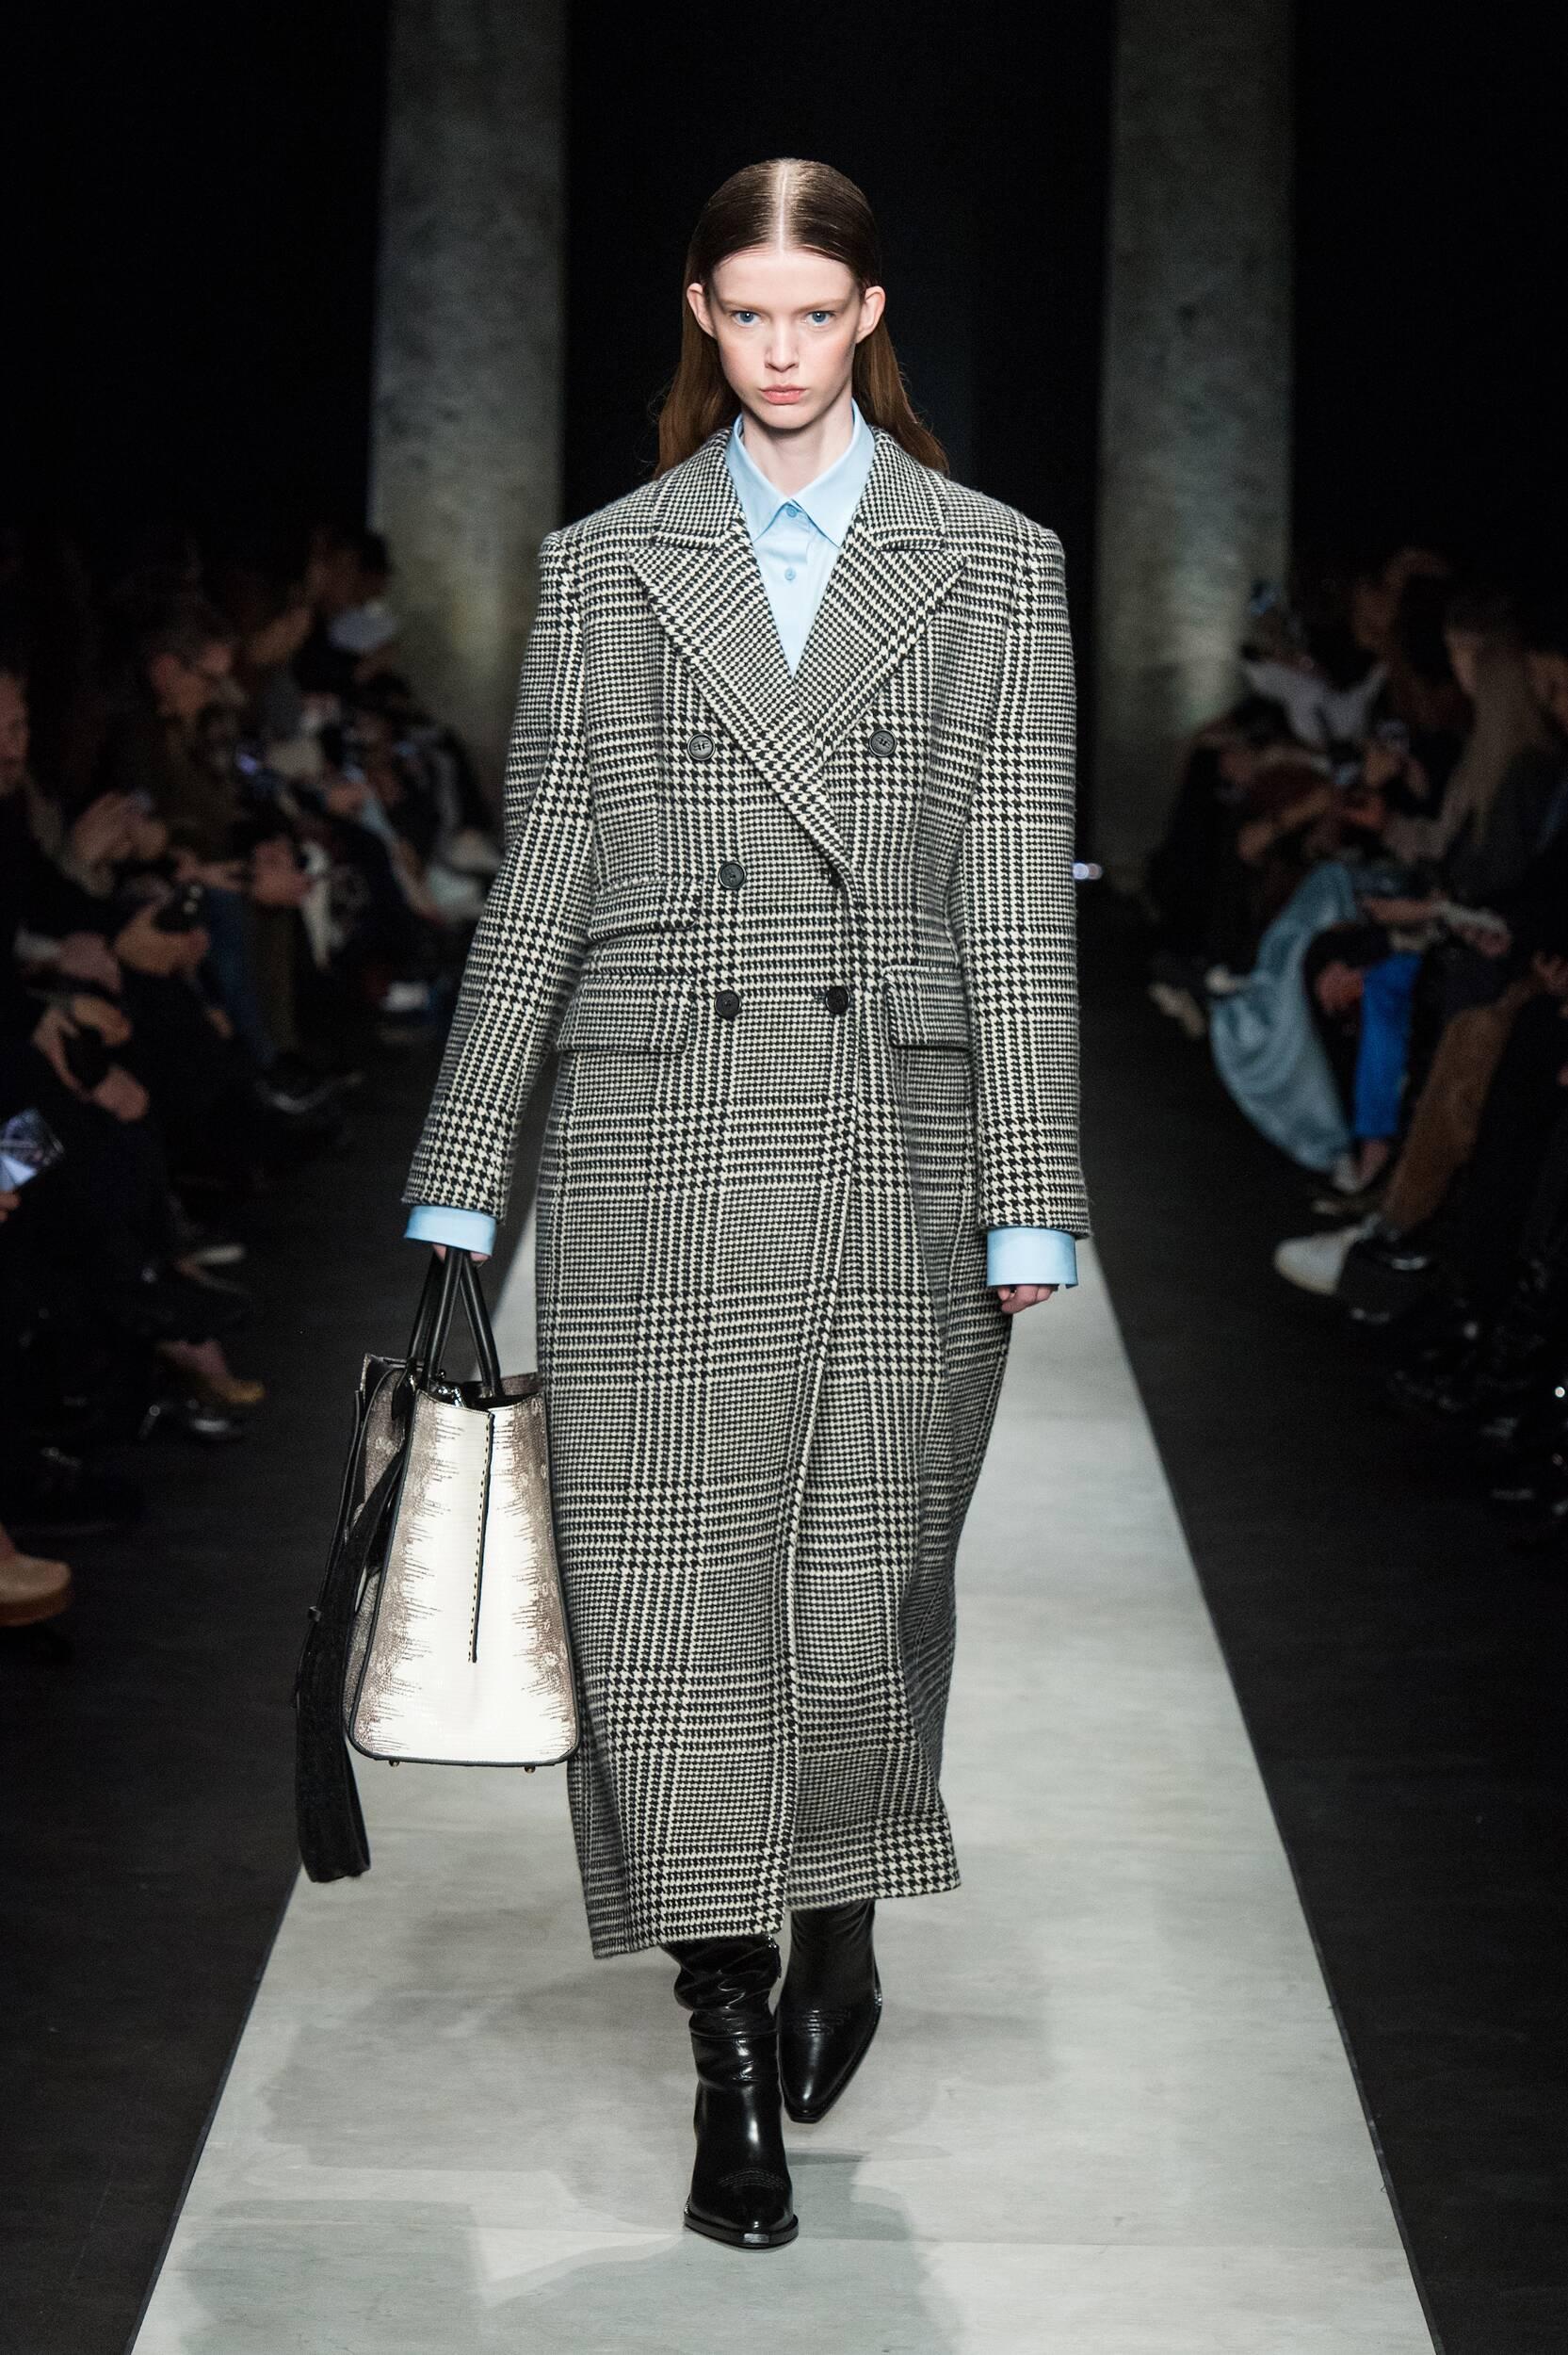 Fashion Show Woman Model Ermanno Scervino Catwalk